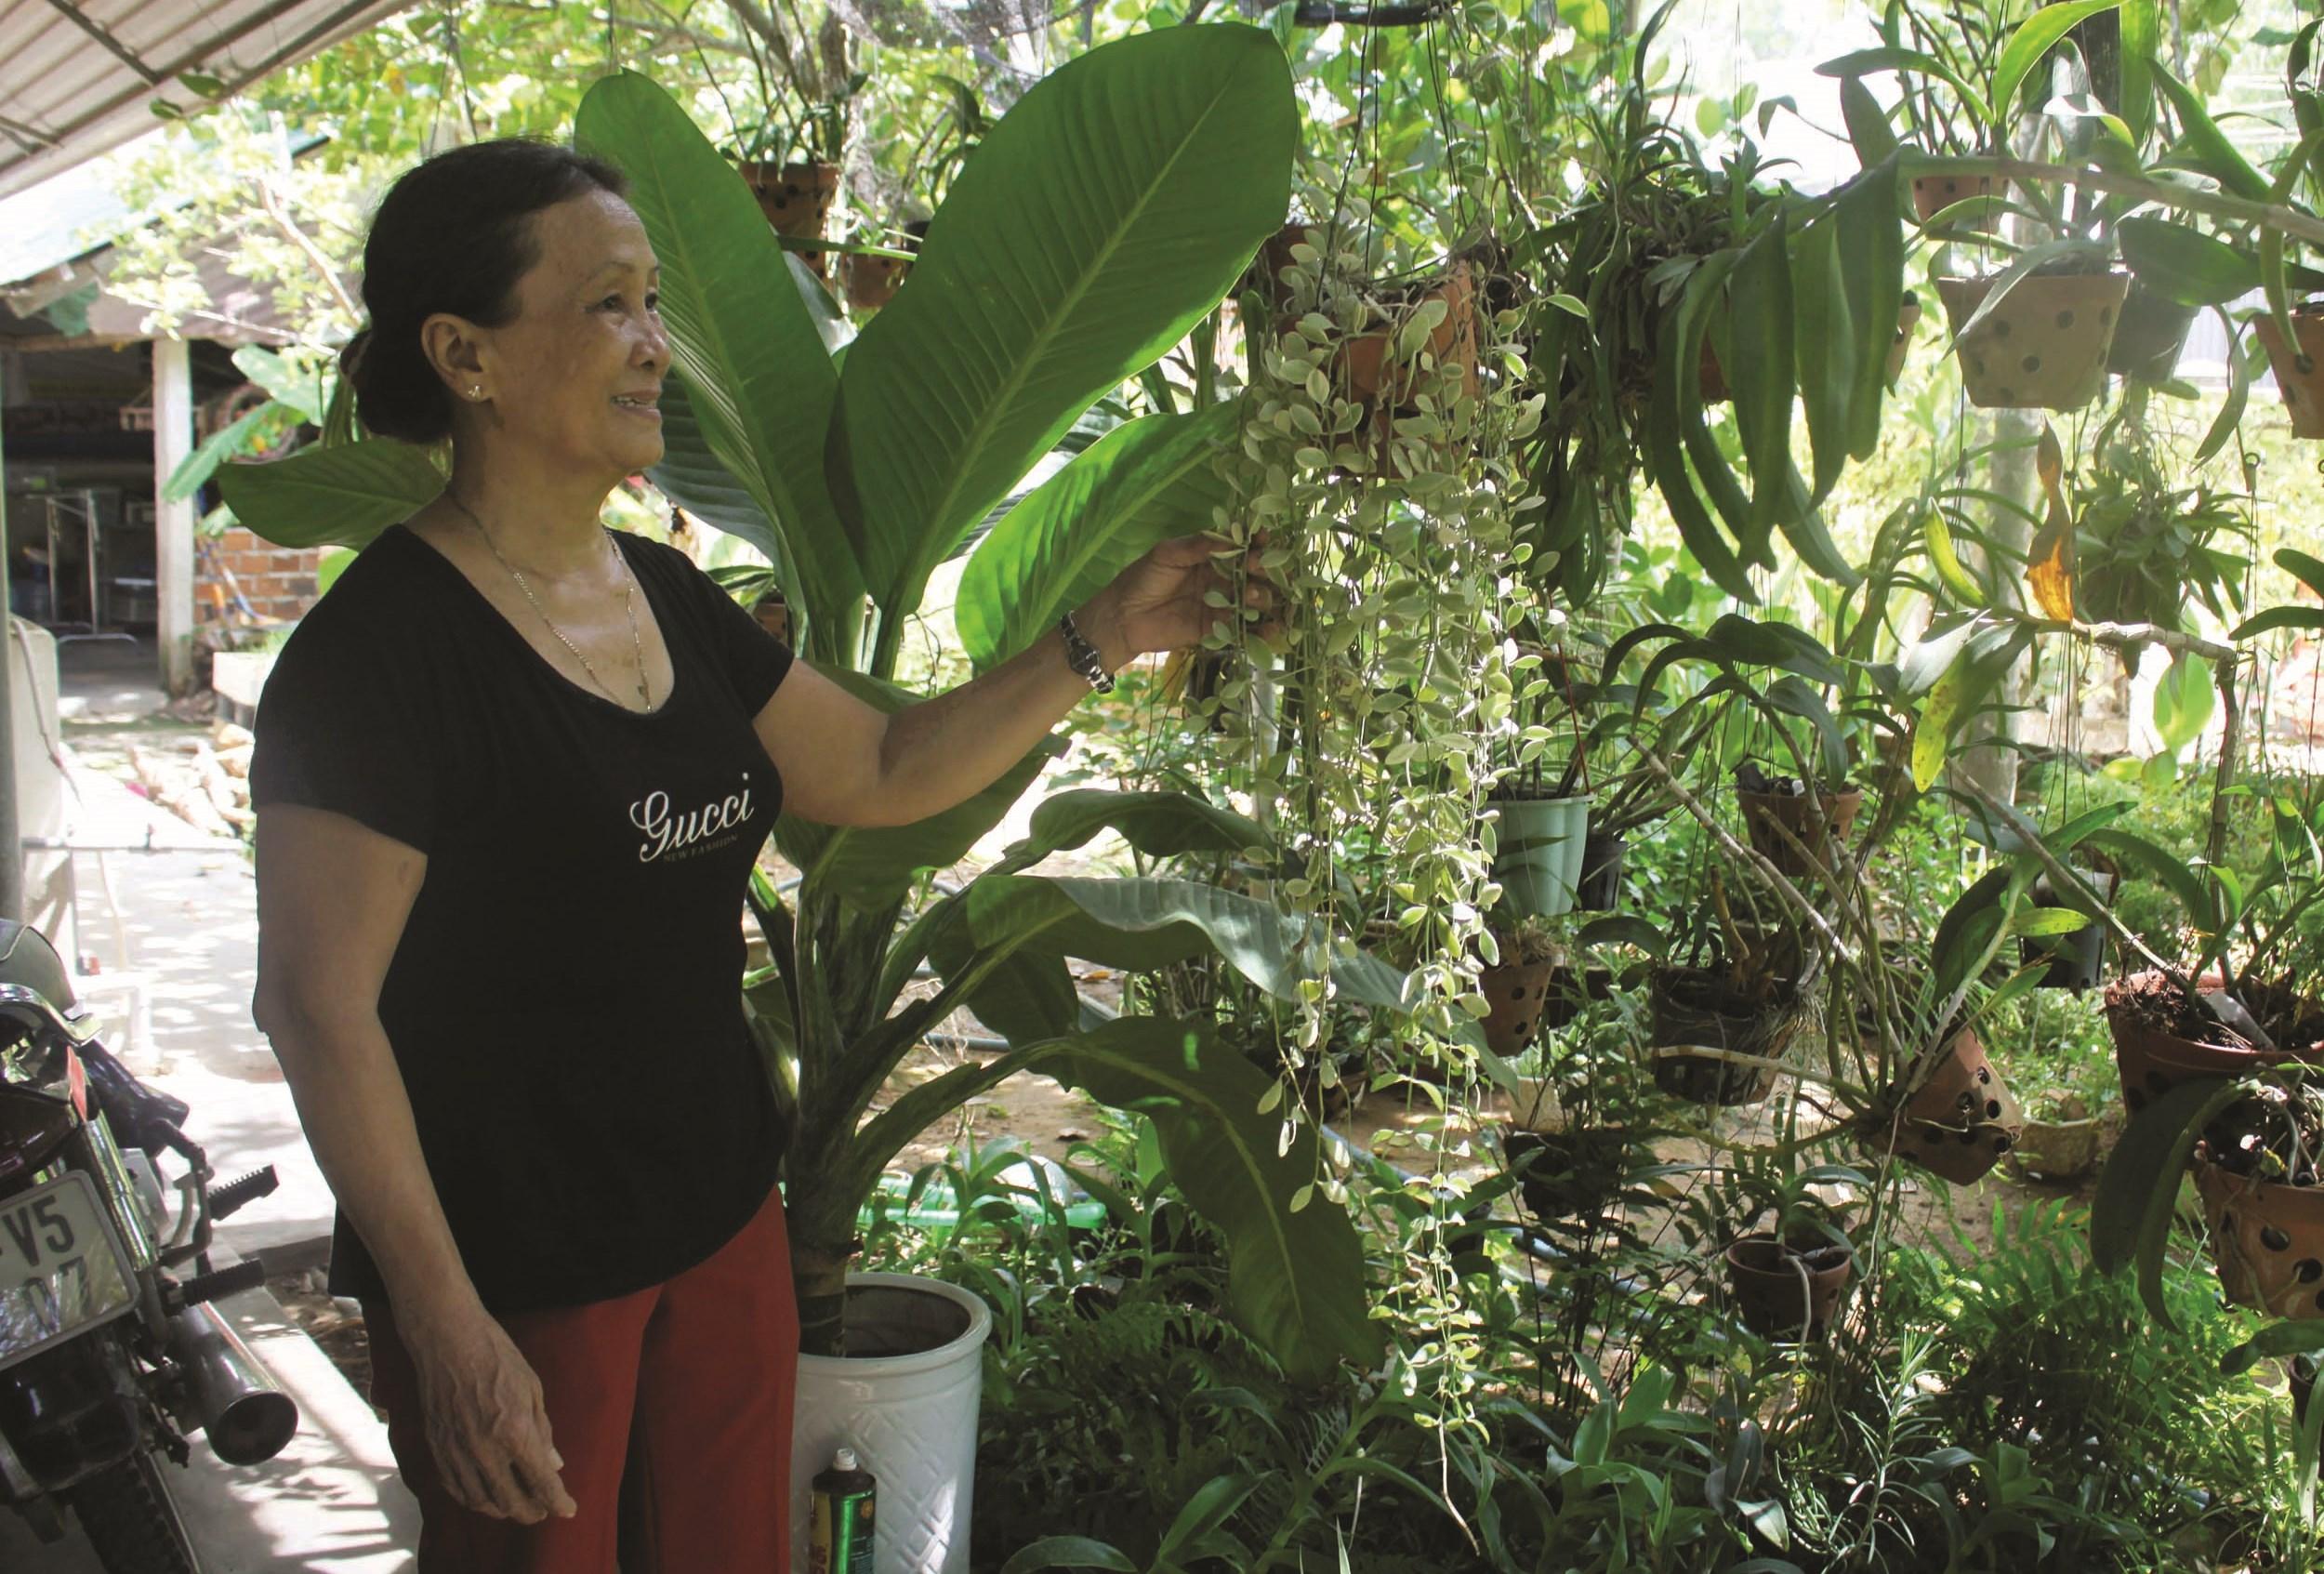 Bà Trần Thị Lự, Chi hội trưởng Chi hội Phụ nữ thôn Thế Lợi, xã Tịnh Phong, huyện Sơn Tịnh, Quảng Ngãi, đang chăm sóc cây trong vườn nhà